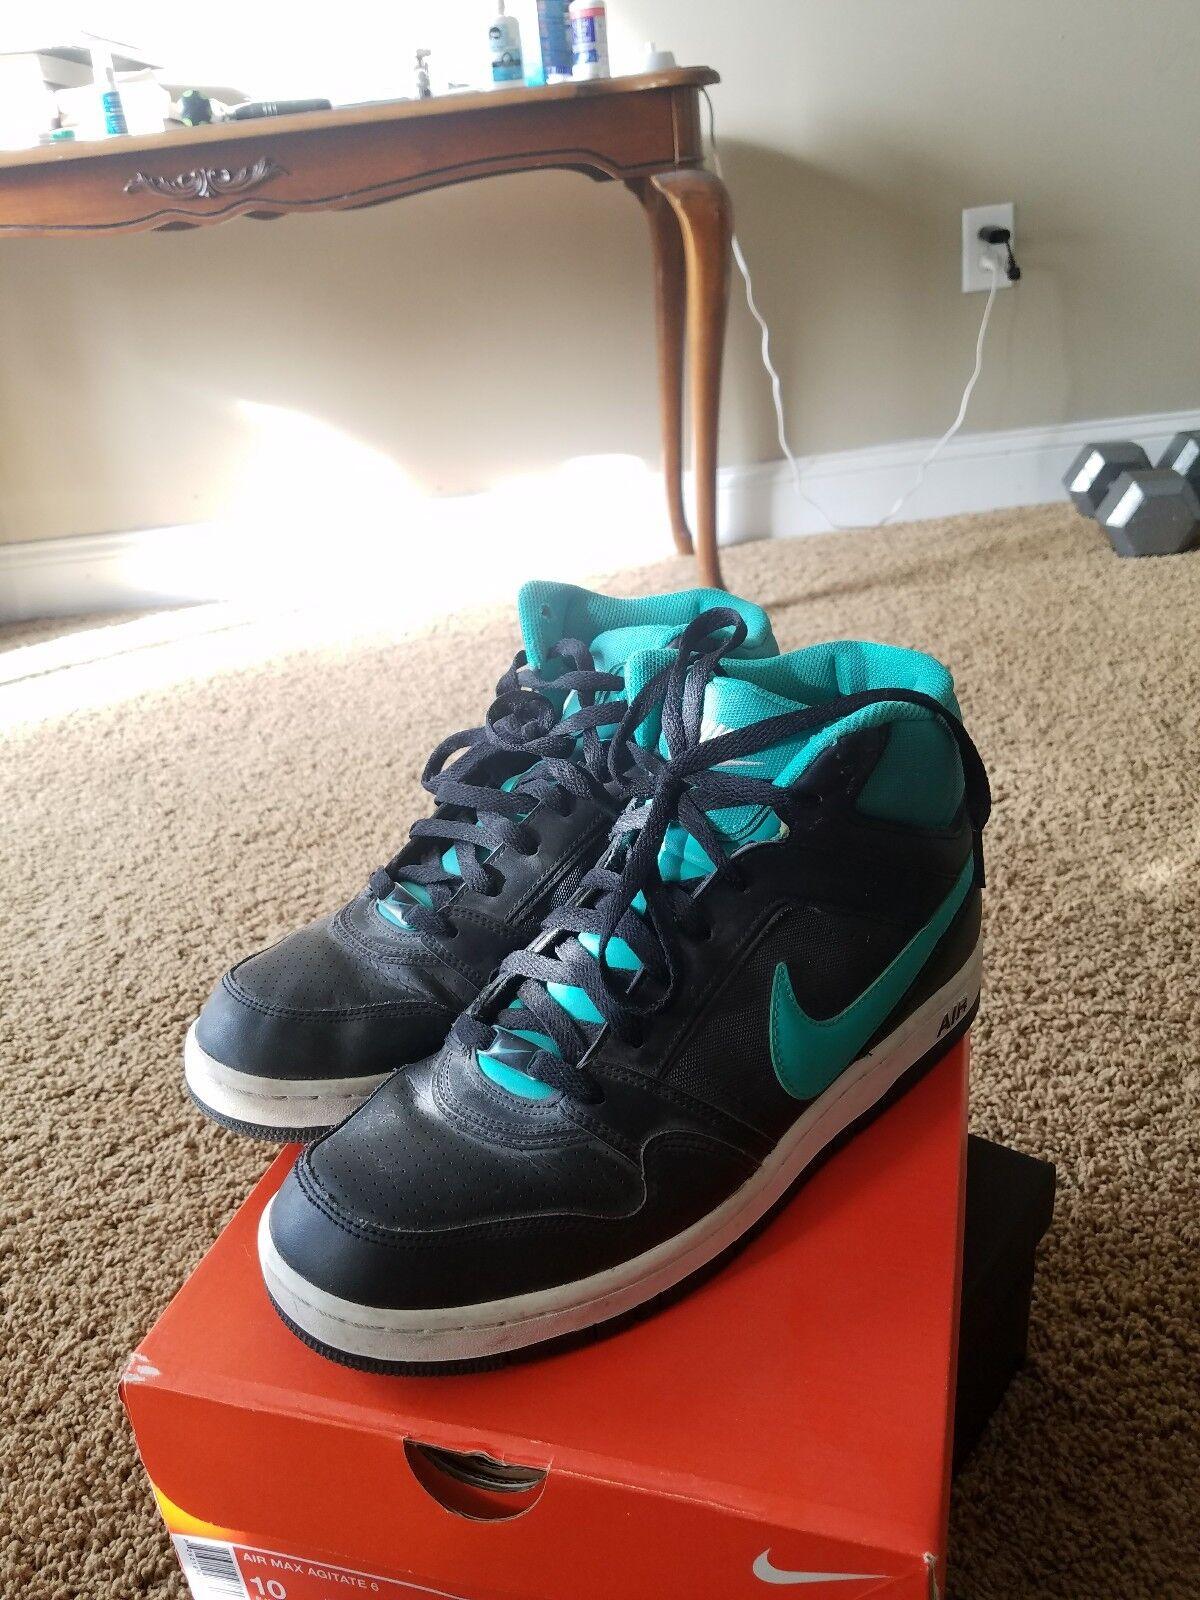 Nike - schuhe in größe 10 männer